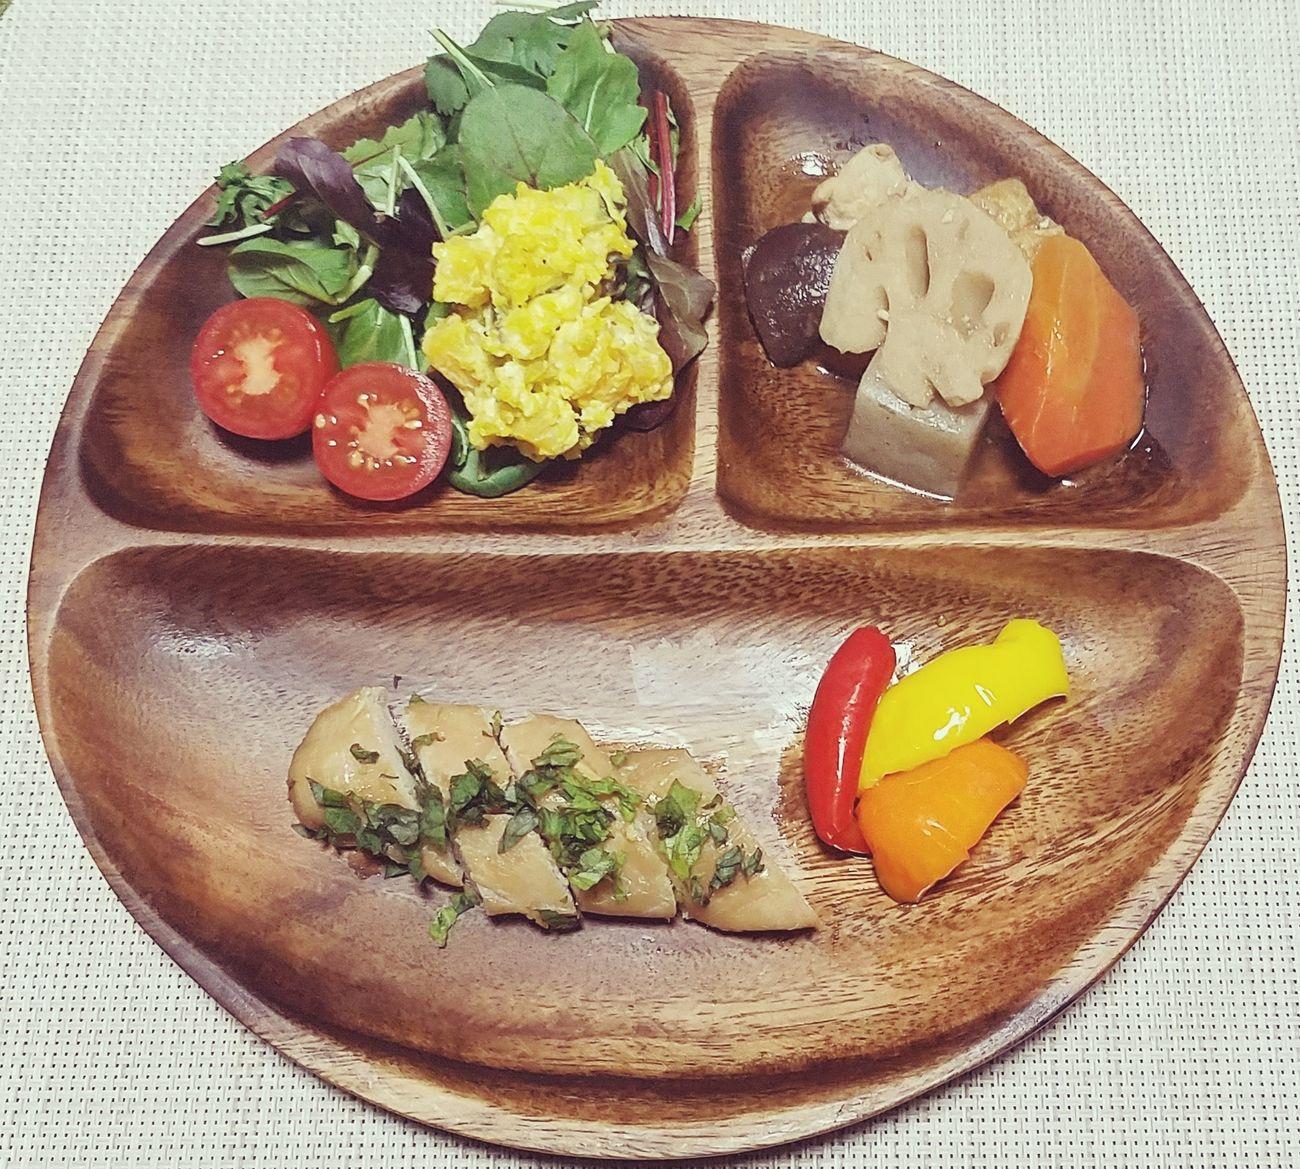 夜ご飯🌙2017.03.22 Comidas Food Plate Pumpkin Salad Paprika Pickles Pepino Cucumber Chicken Meat Pollo 煮物